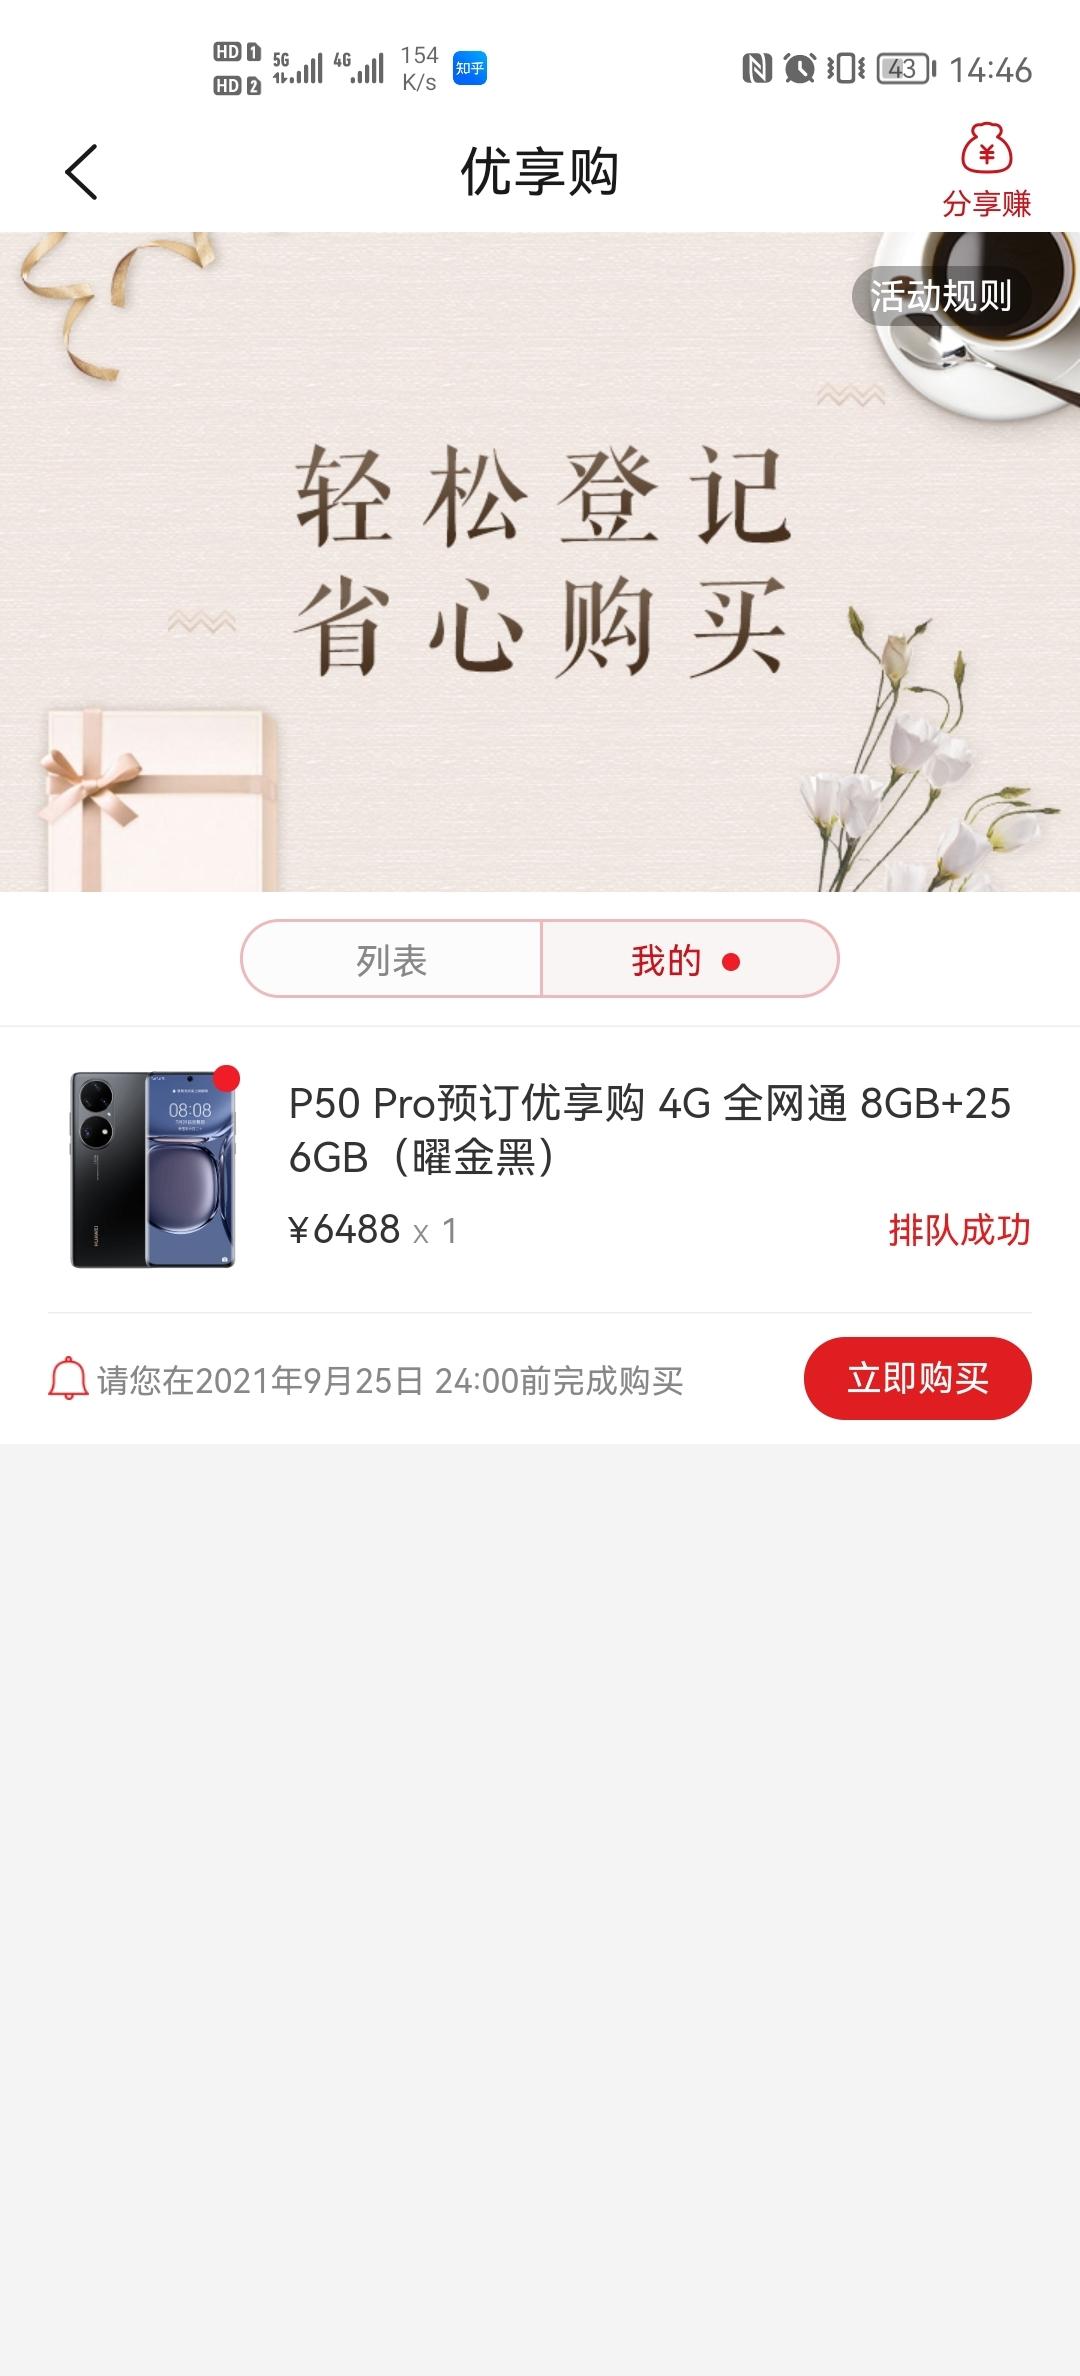 Screenshot_20210925_144612_com.vmall.client.jpg